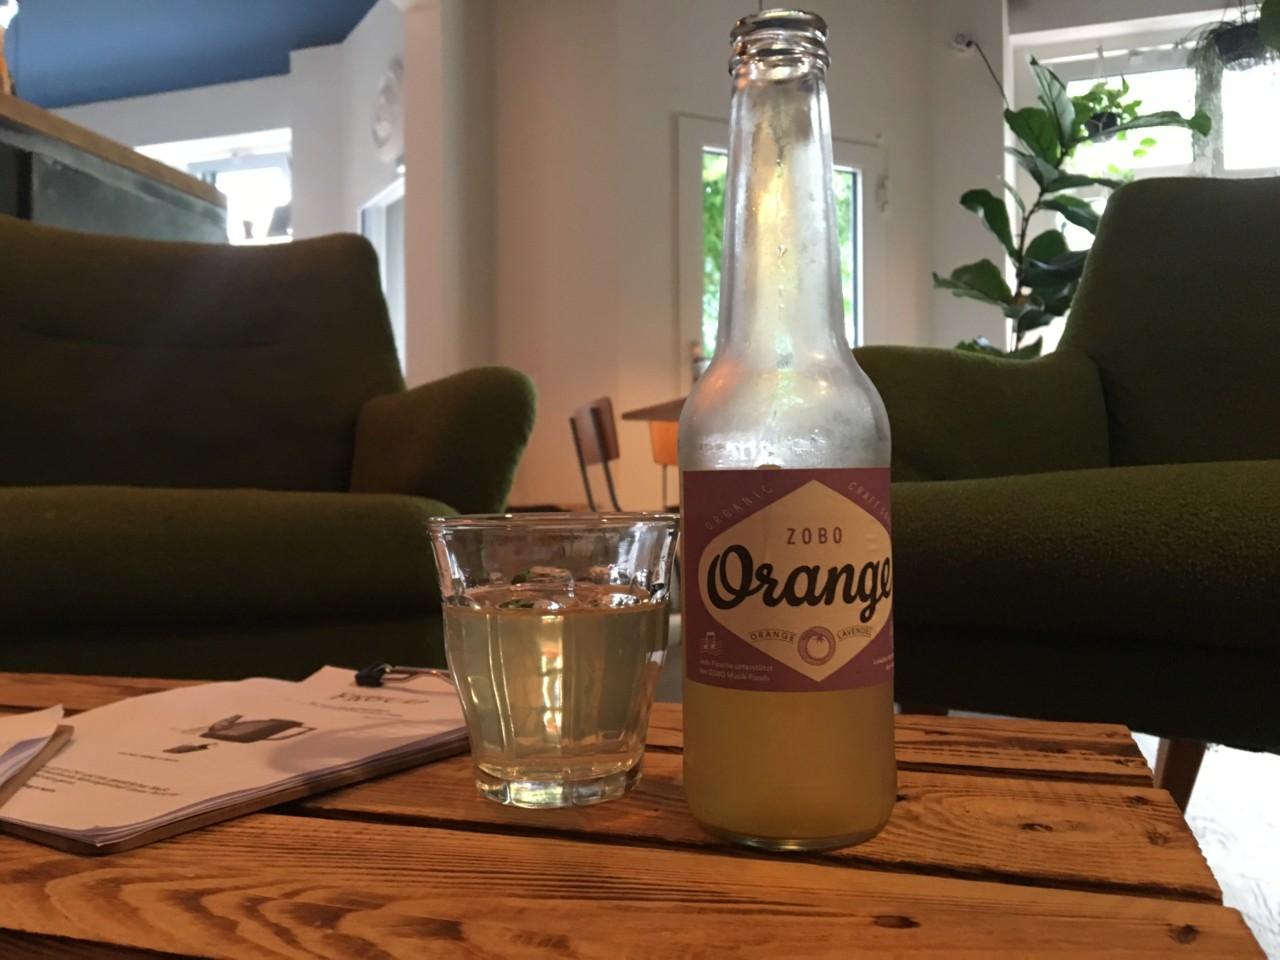 Das macht Freude - Schweizer Limos sind werden immer beliebter. Foto: Lunchgate/Simone